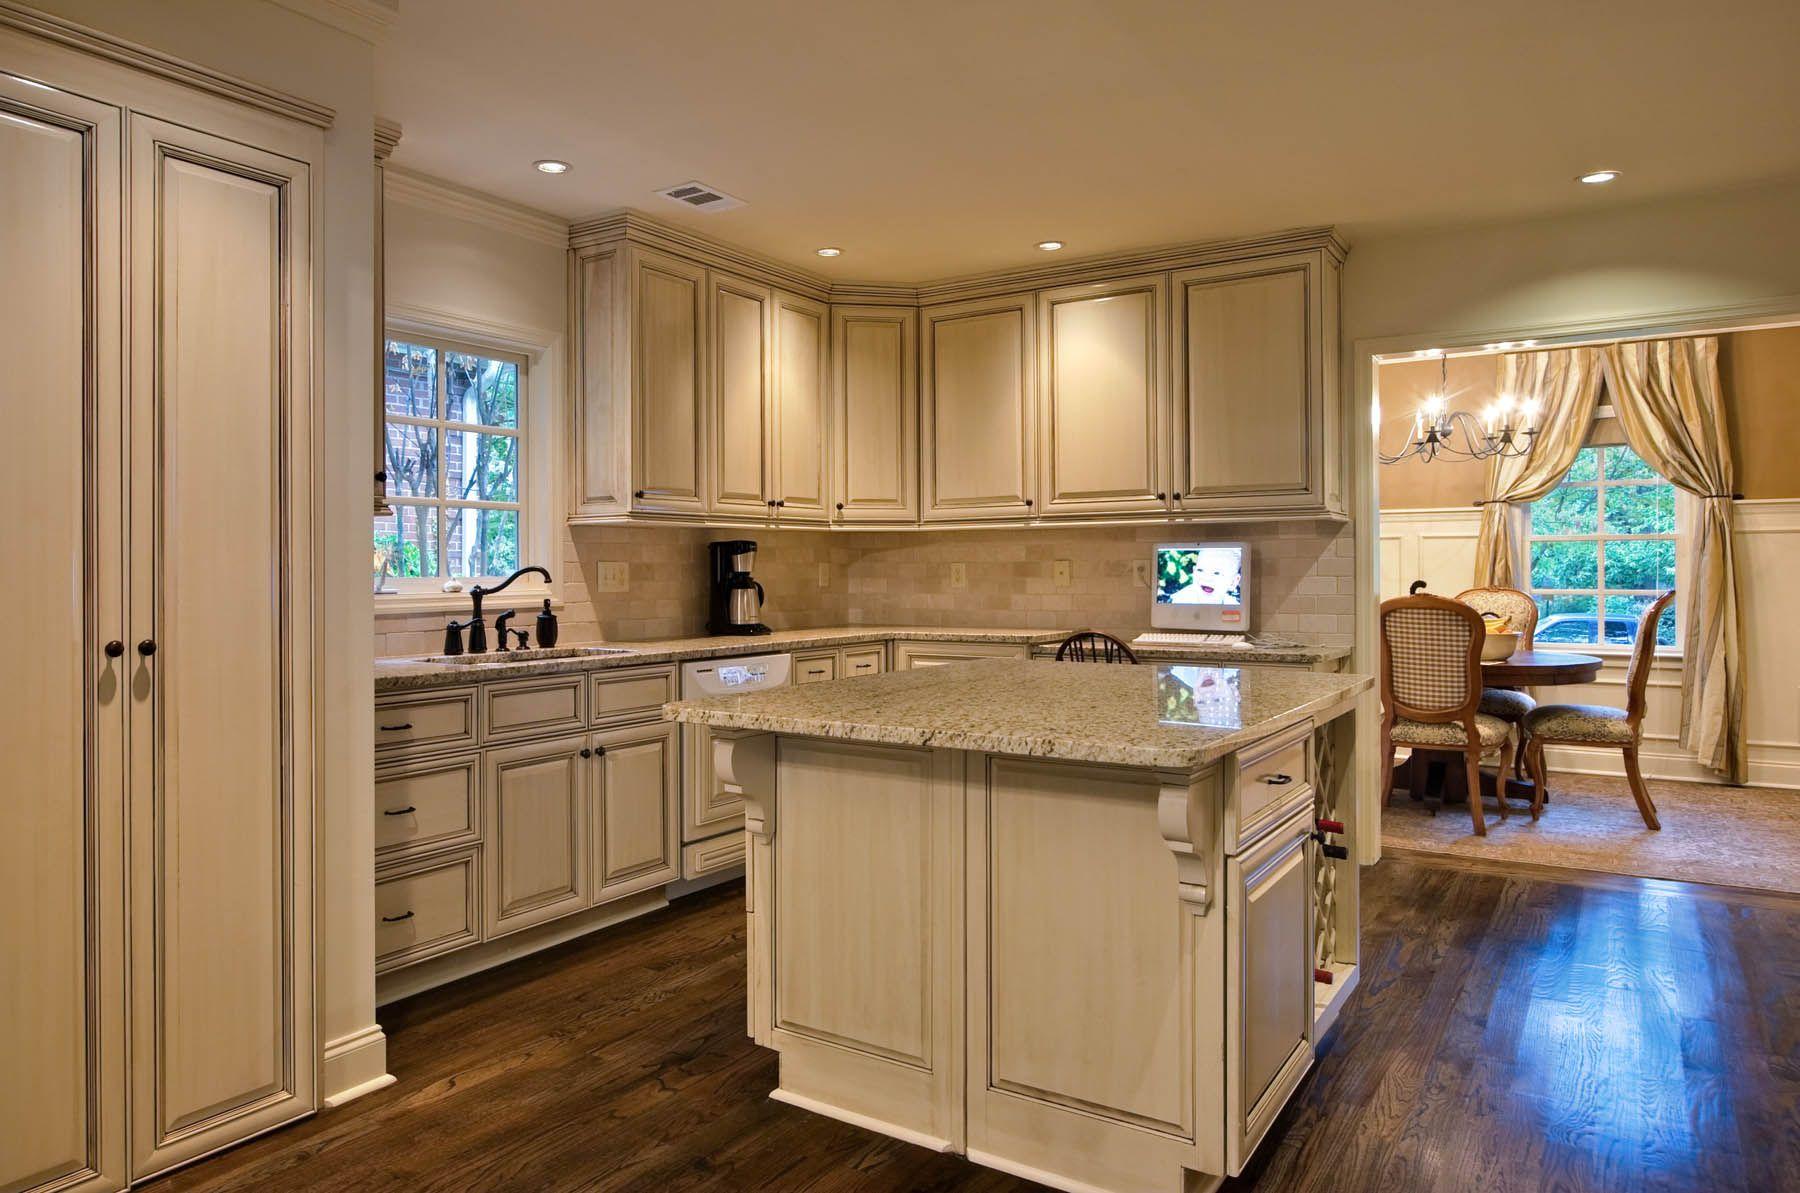 Küchenschrank Umgestaltung Ideen - Minimalismus ist ein großer